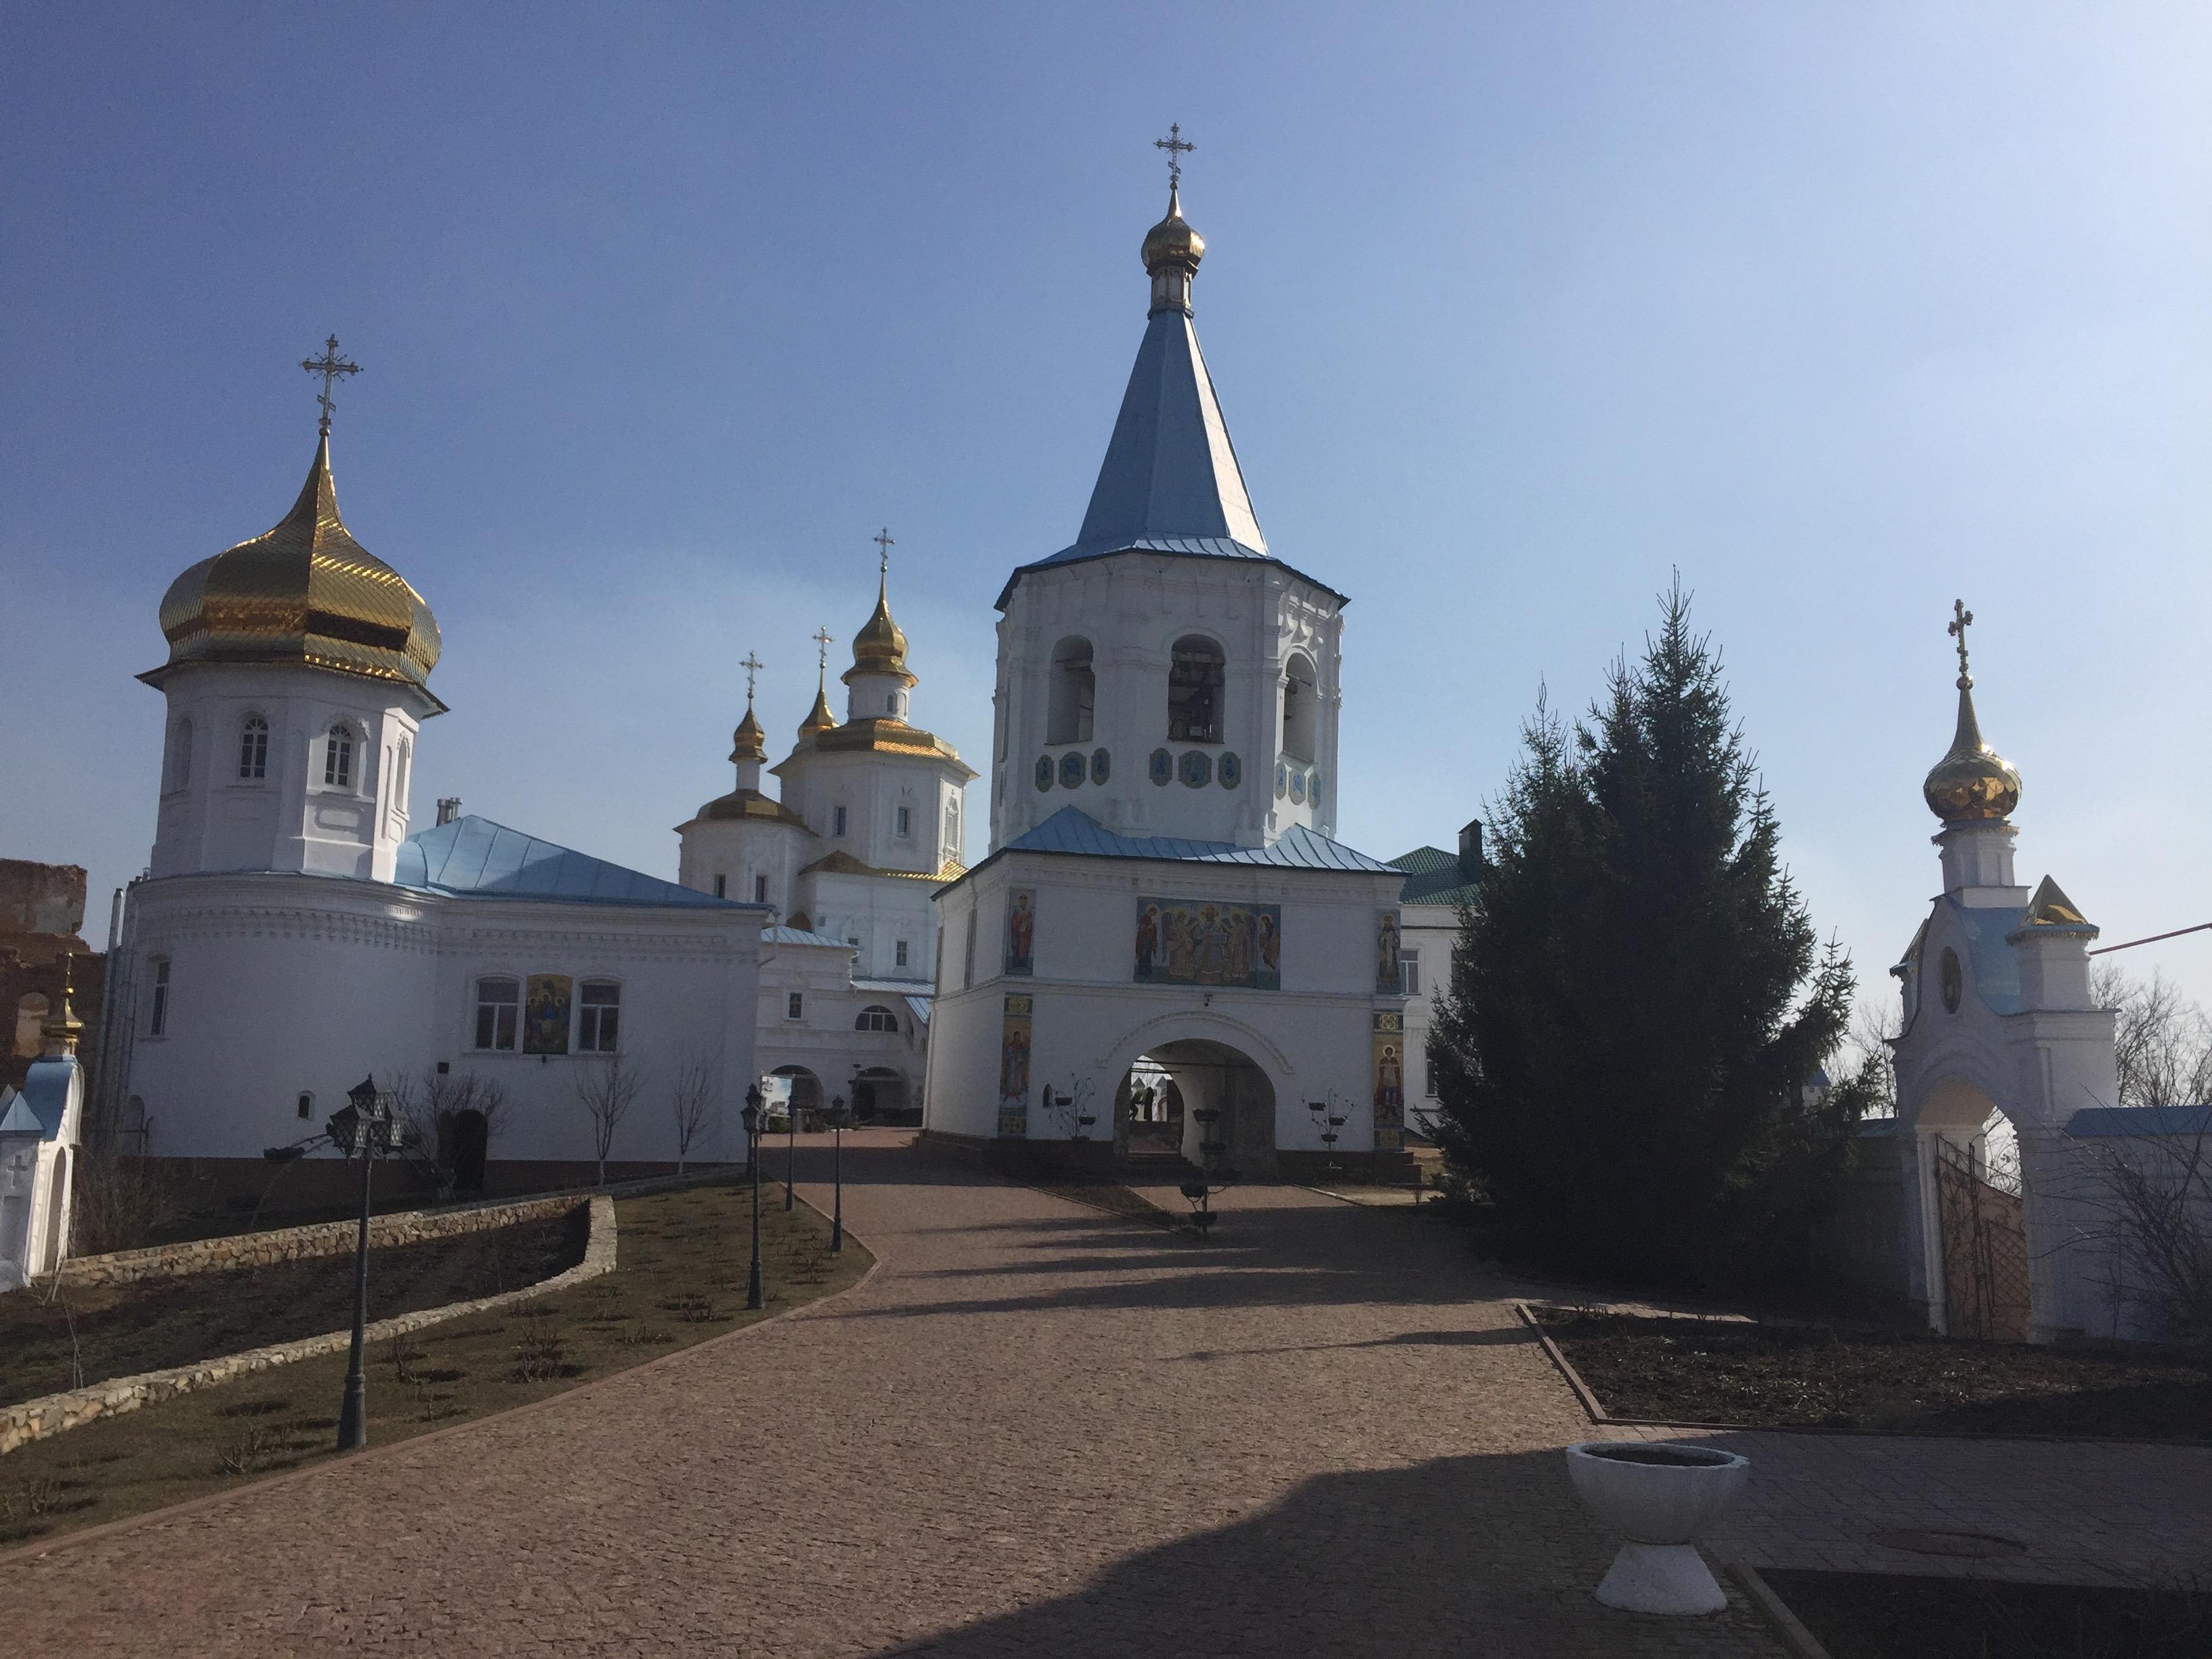 モルチェンスキー修道院メイン